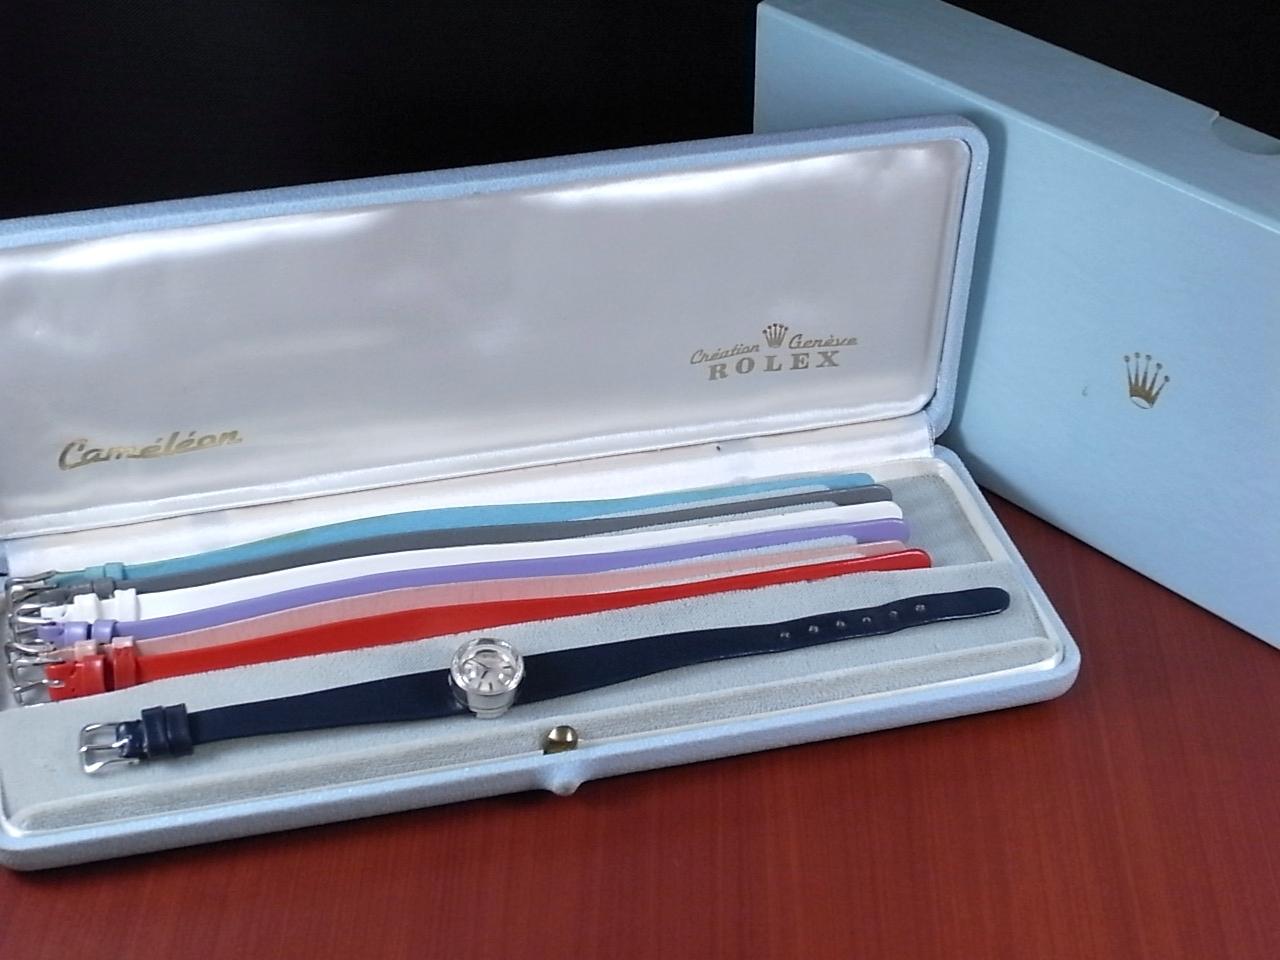 ロレックス レディス カメレオン 金無垢 14KWG カットガラス オリジナルベルト・BOX付の写真2枚目